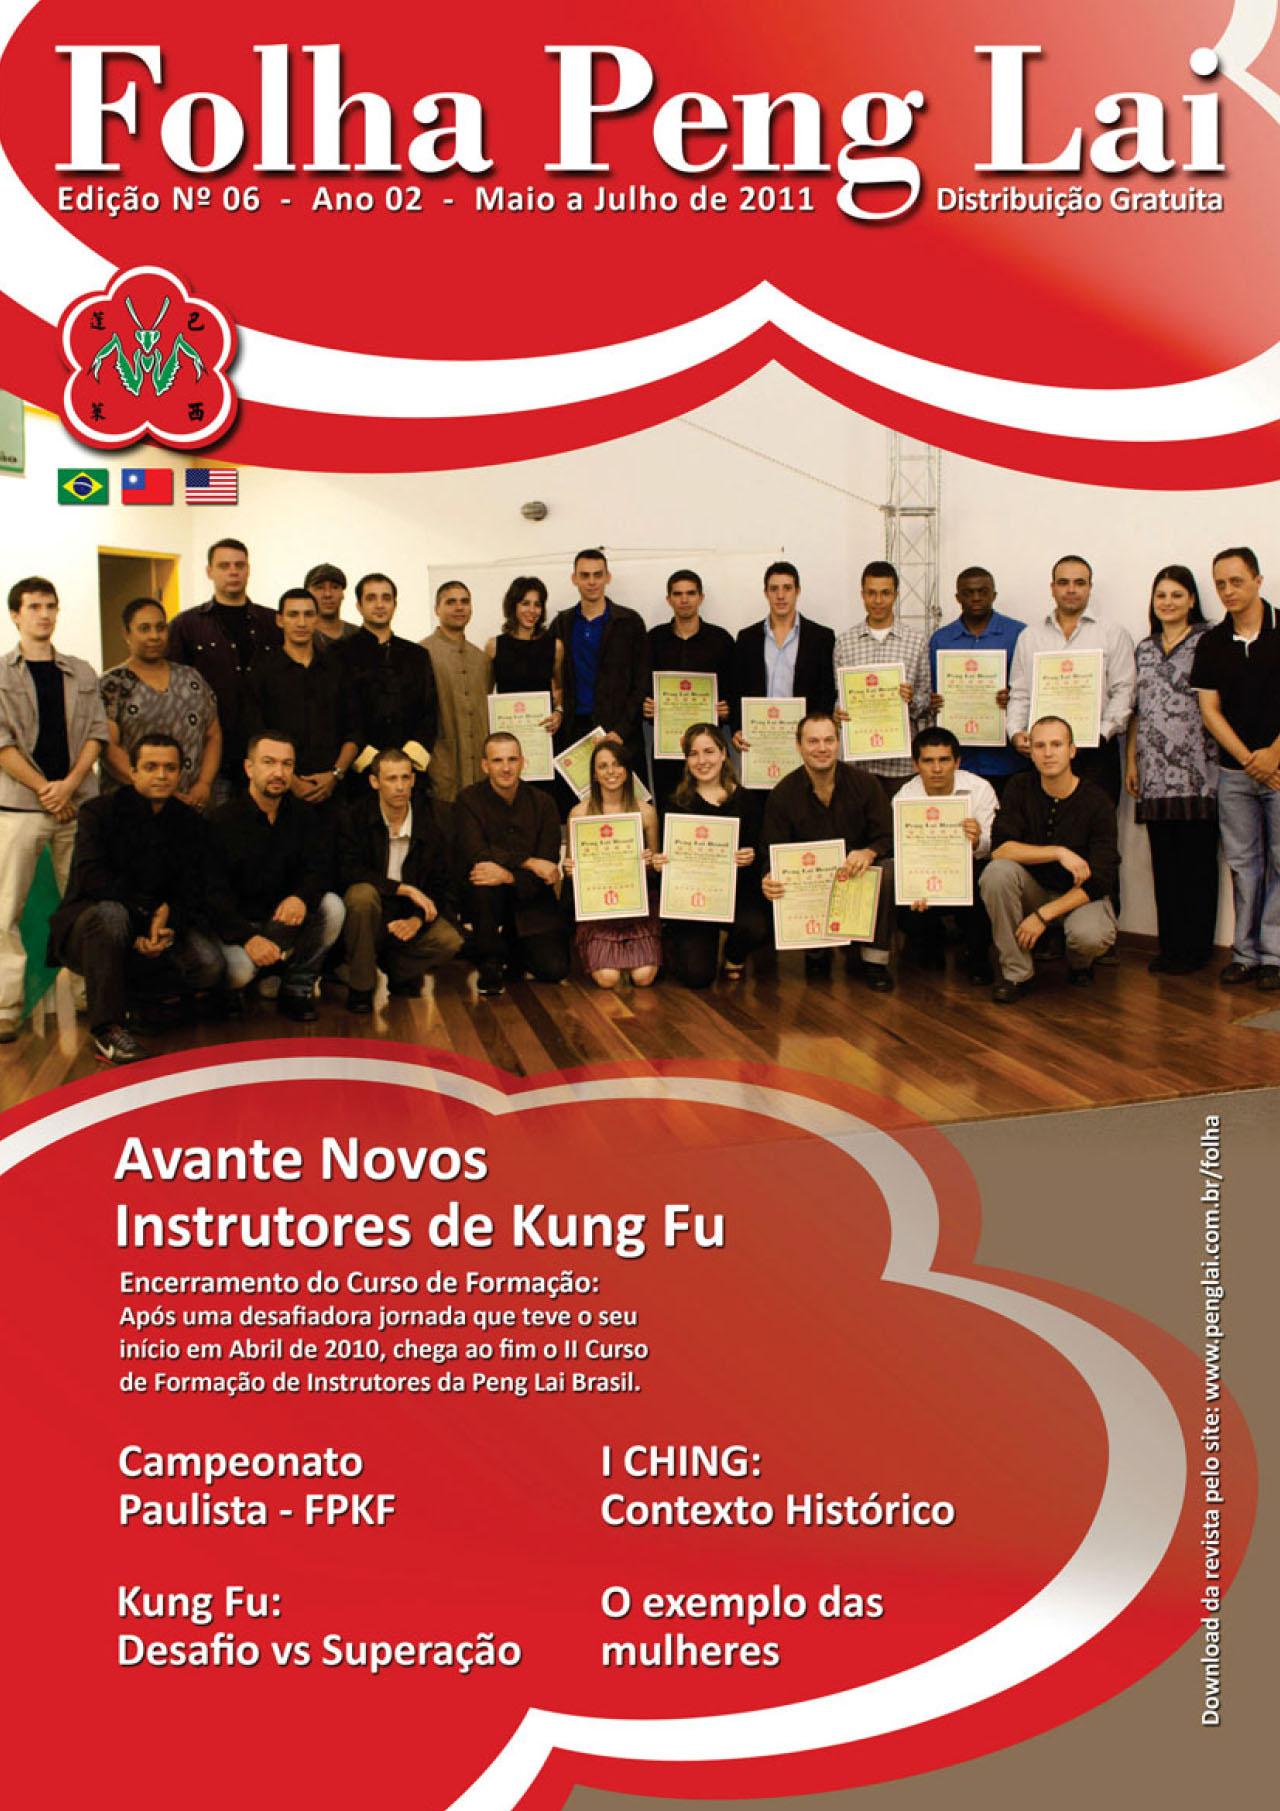 Folha Peng Lai - Edição 6